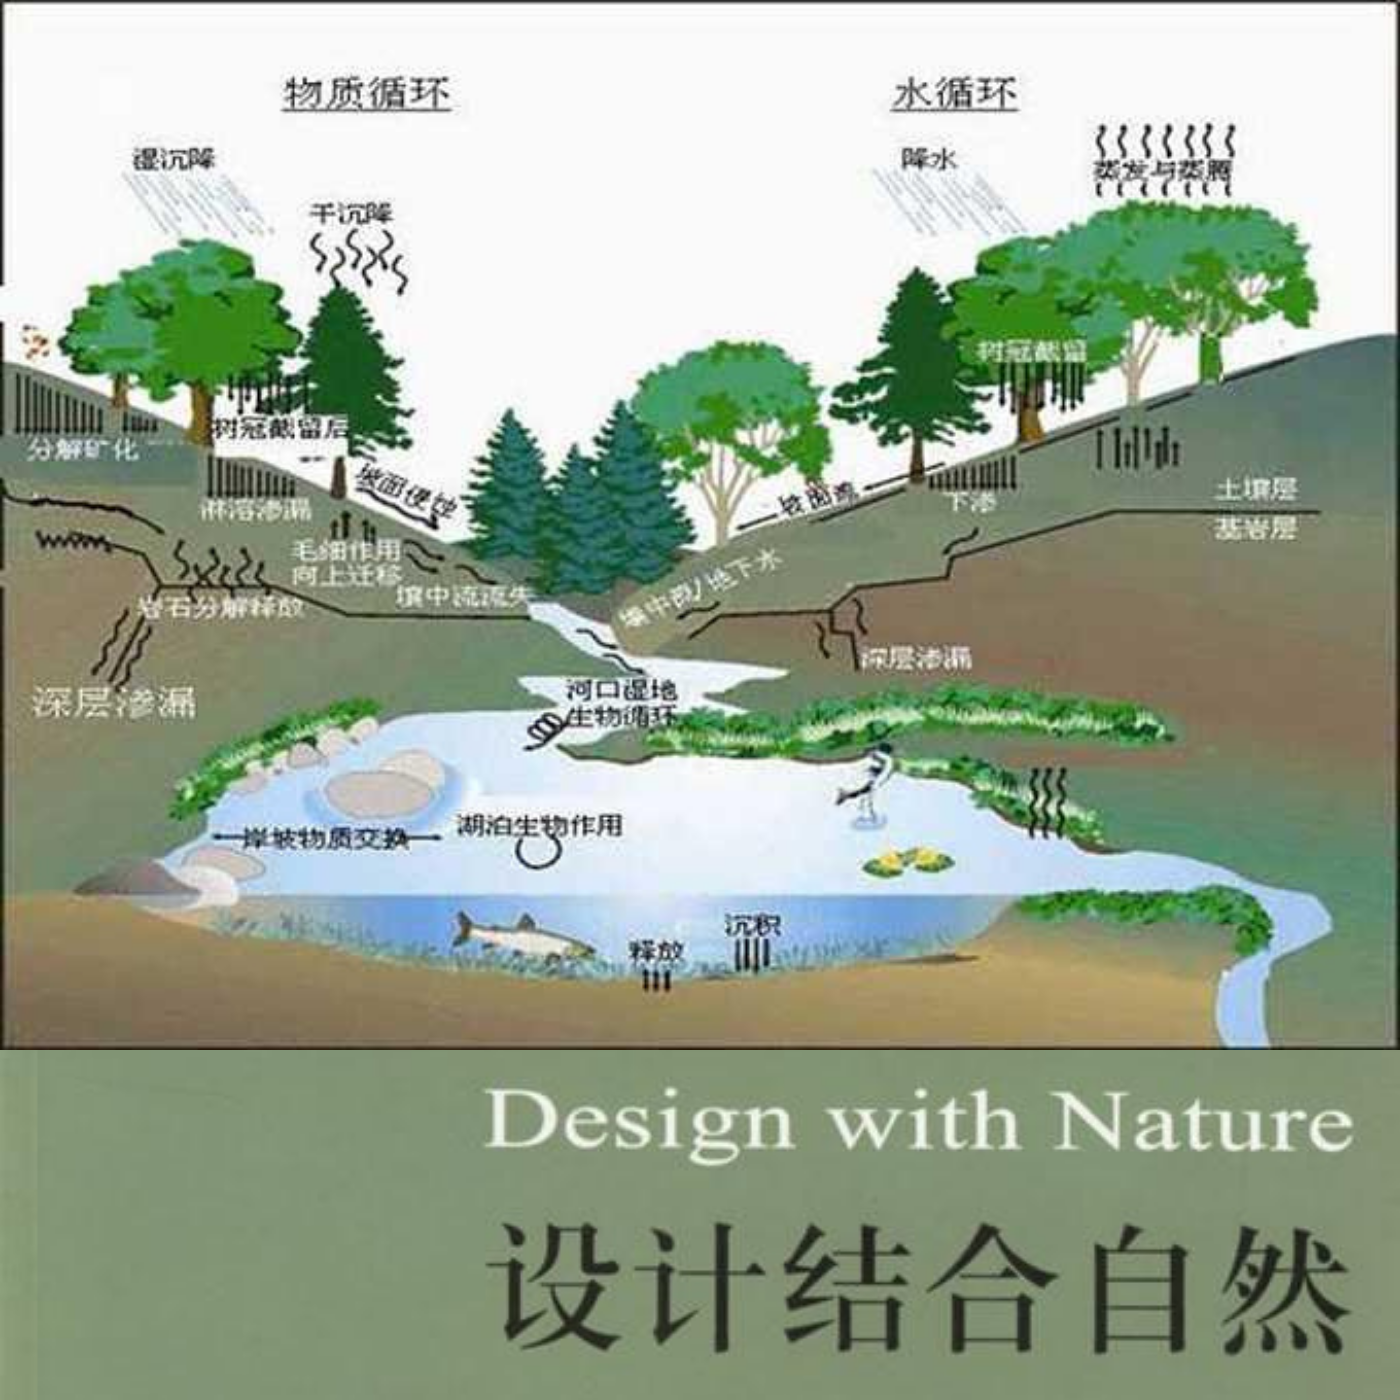 857园林生态学